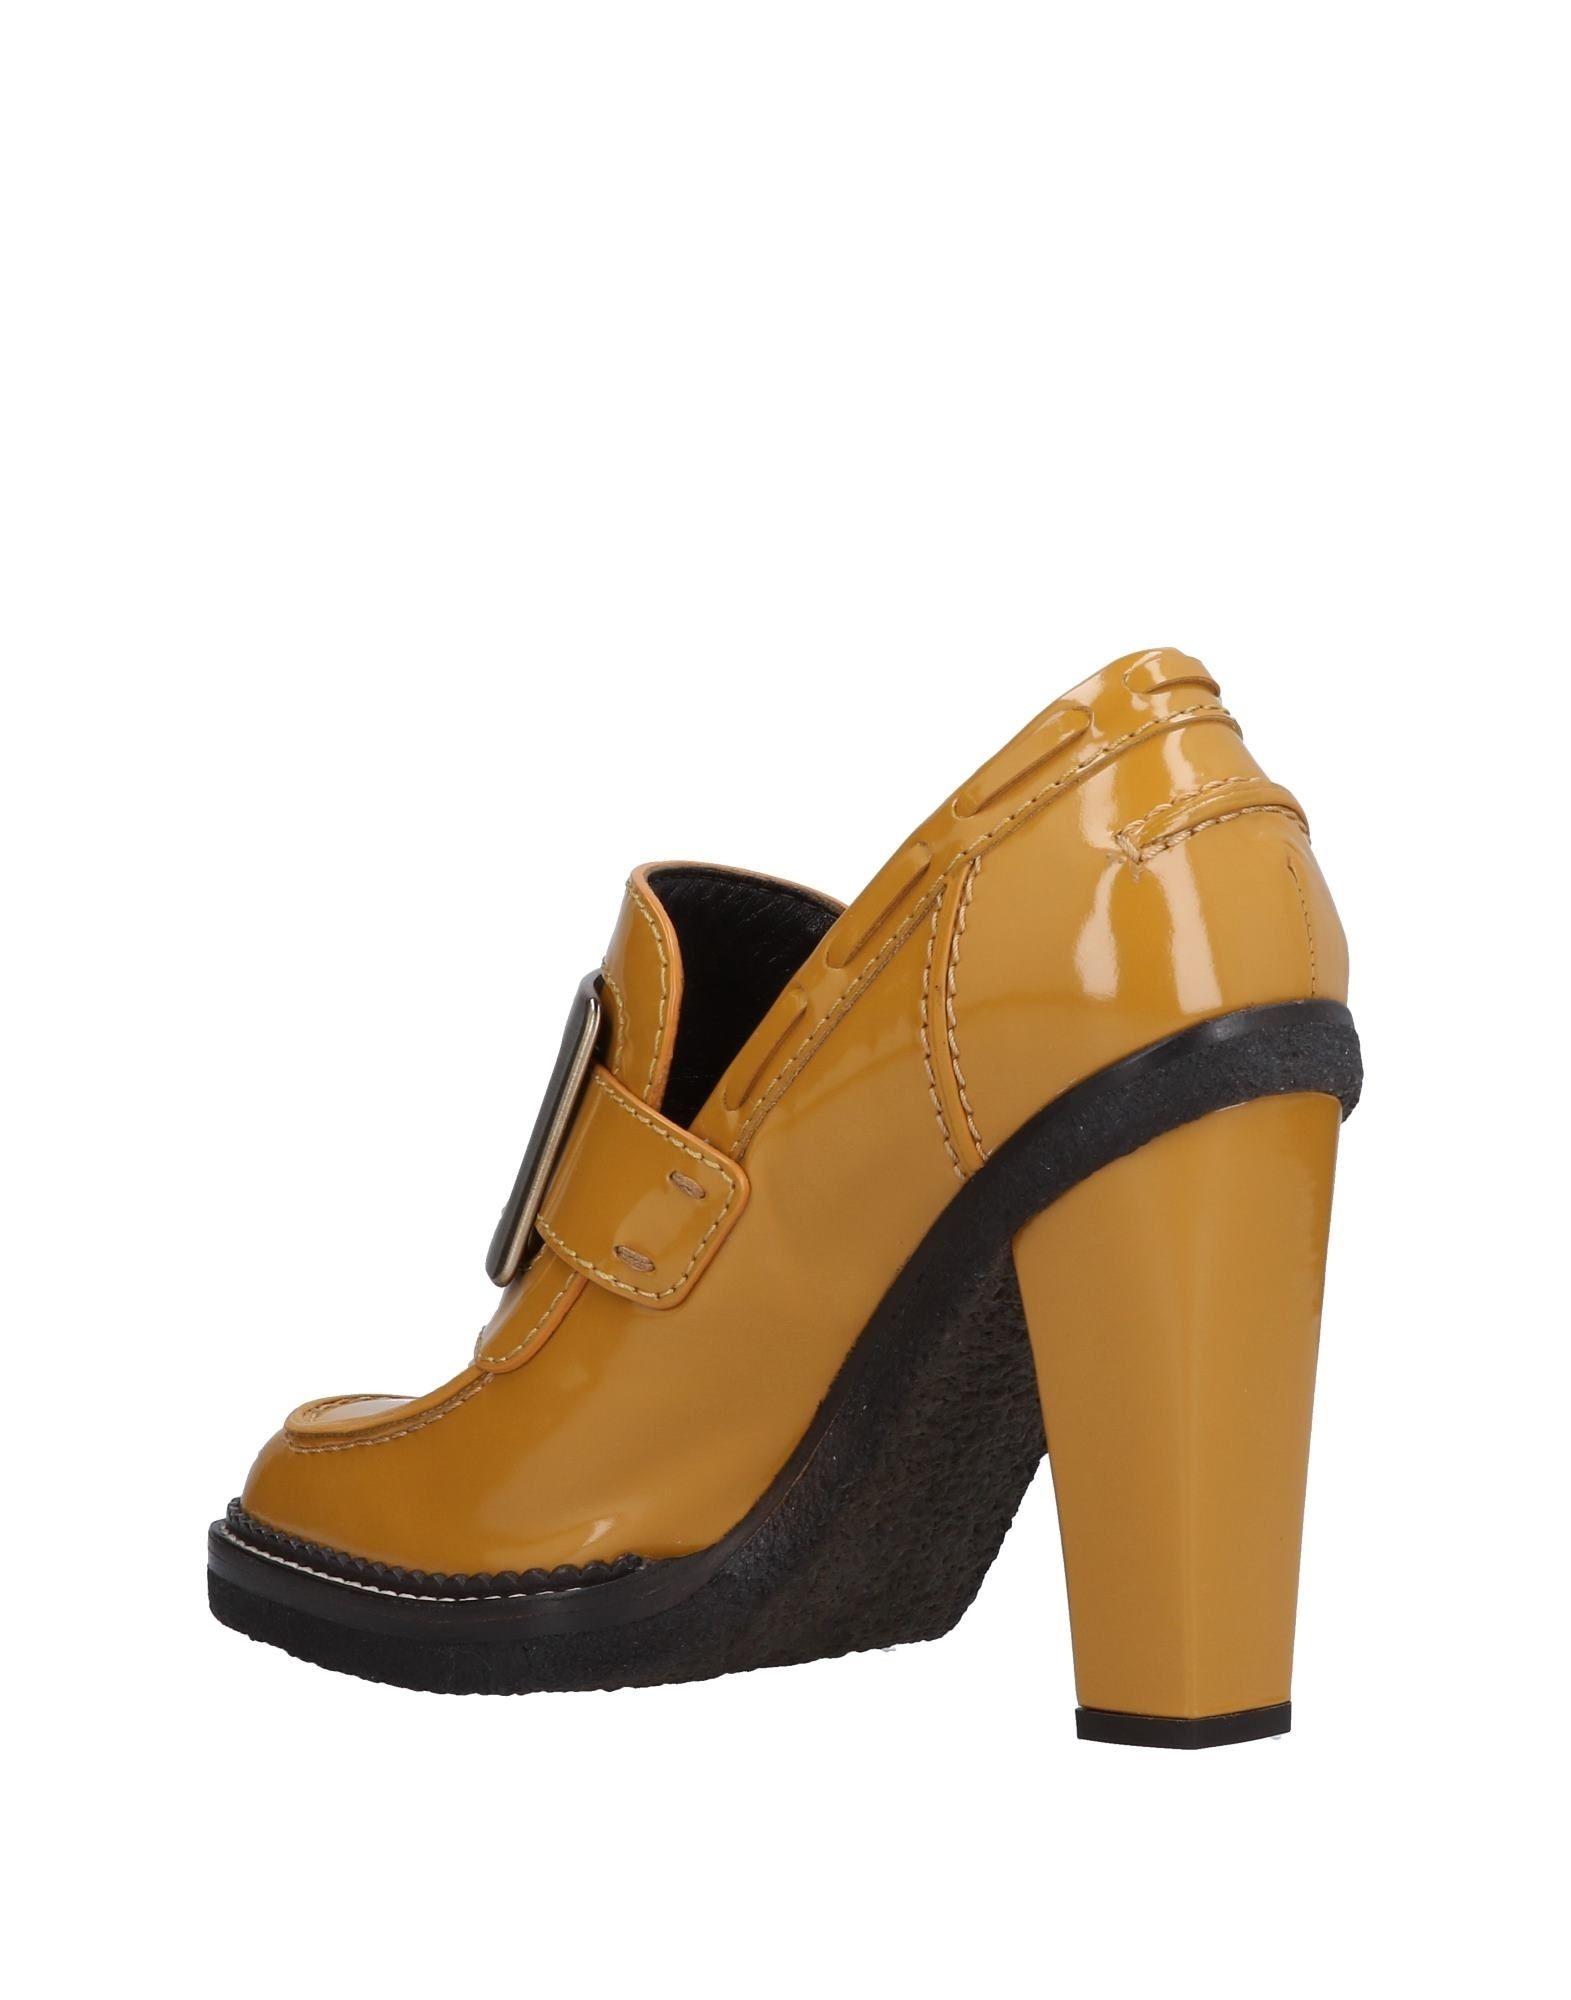 Roger Vivier Mokassins Damen Schuhe  44966852FJGünstige gut aussehende Schuhe Damen f3f6c1